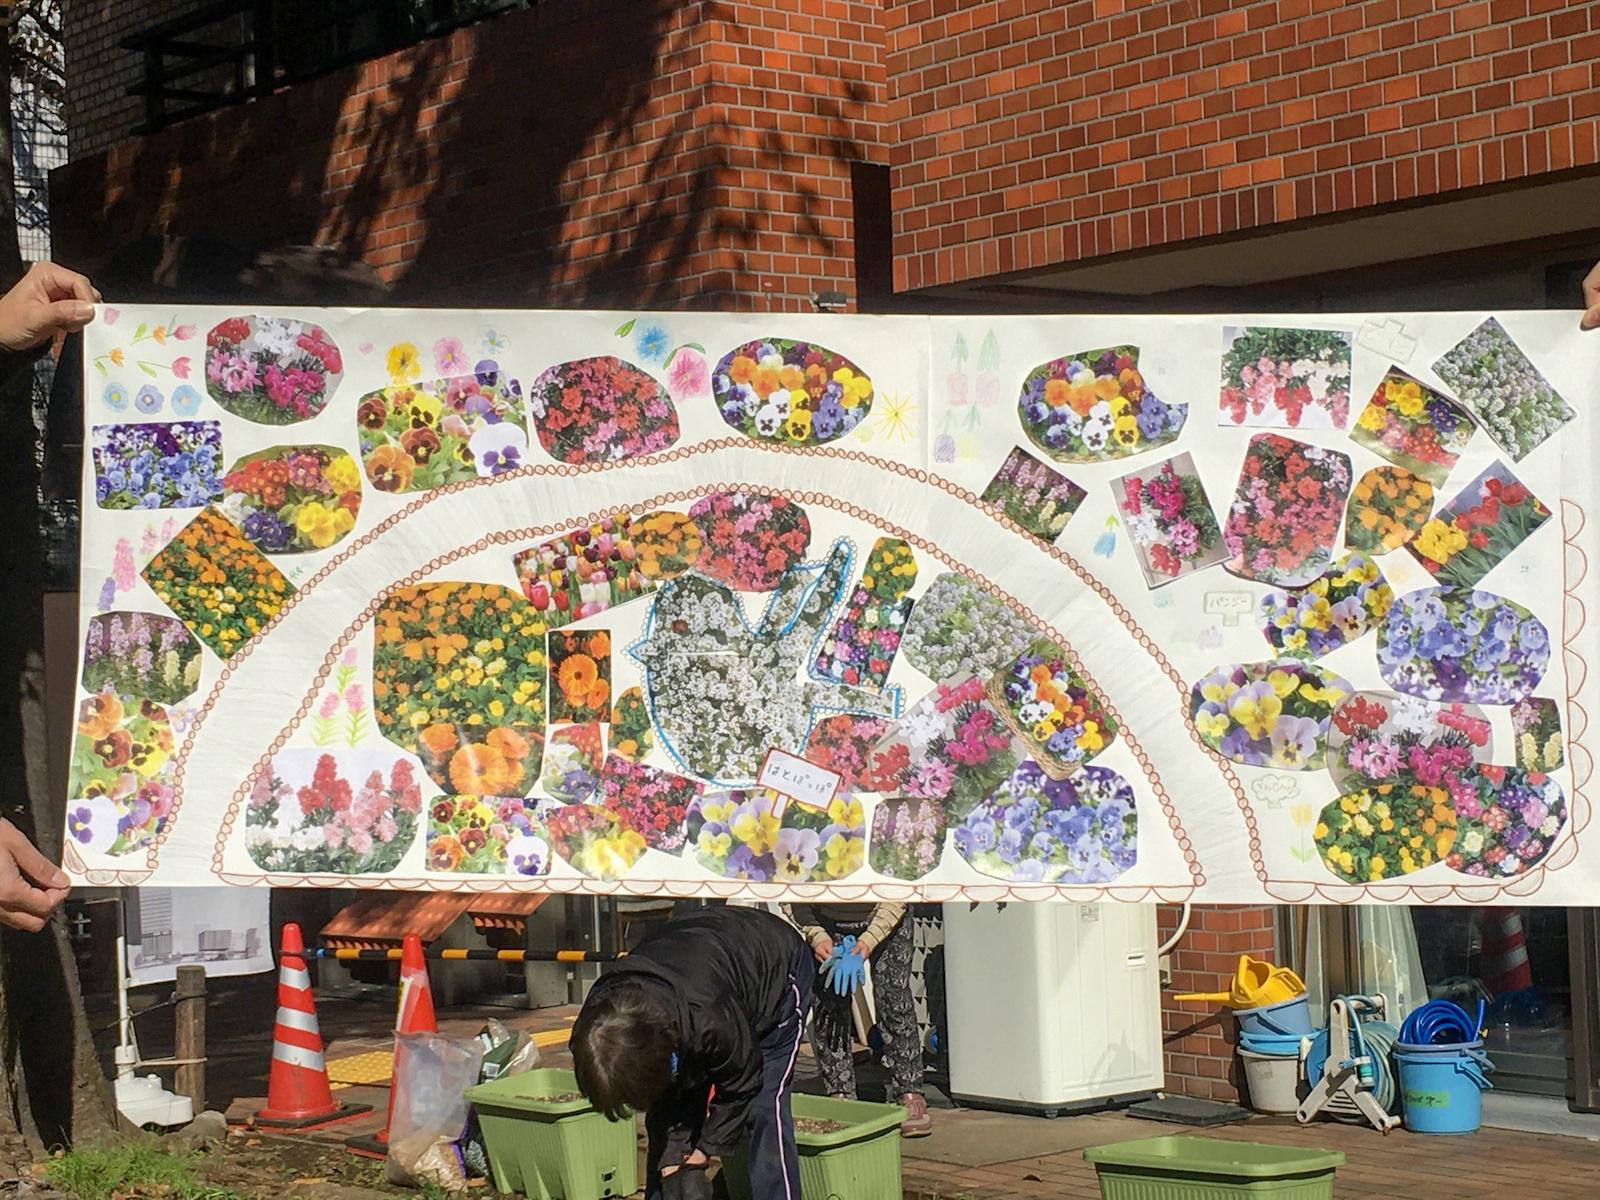 第一回の花壇づくりのワークショップで参加者たちが考えたデザイン。